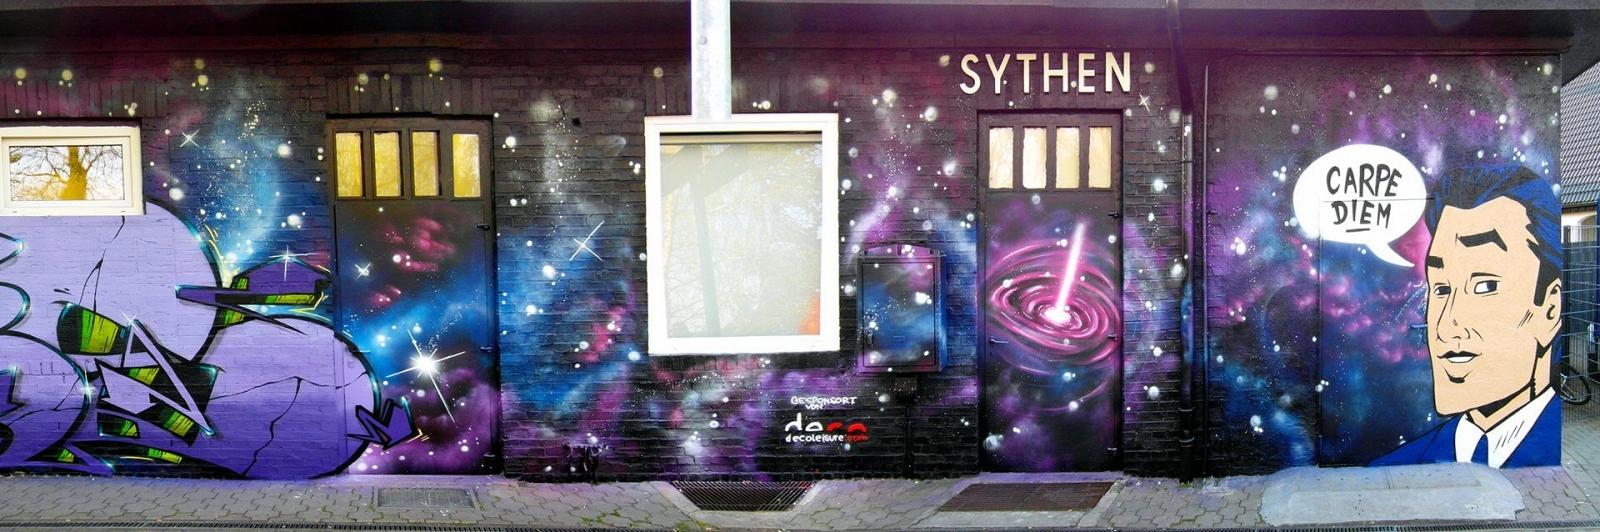 Graffiti in Haltern Systen Bahnhof Gestaltung Carpe Diem